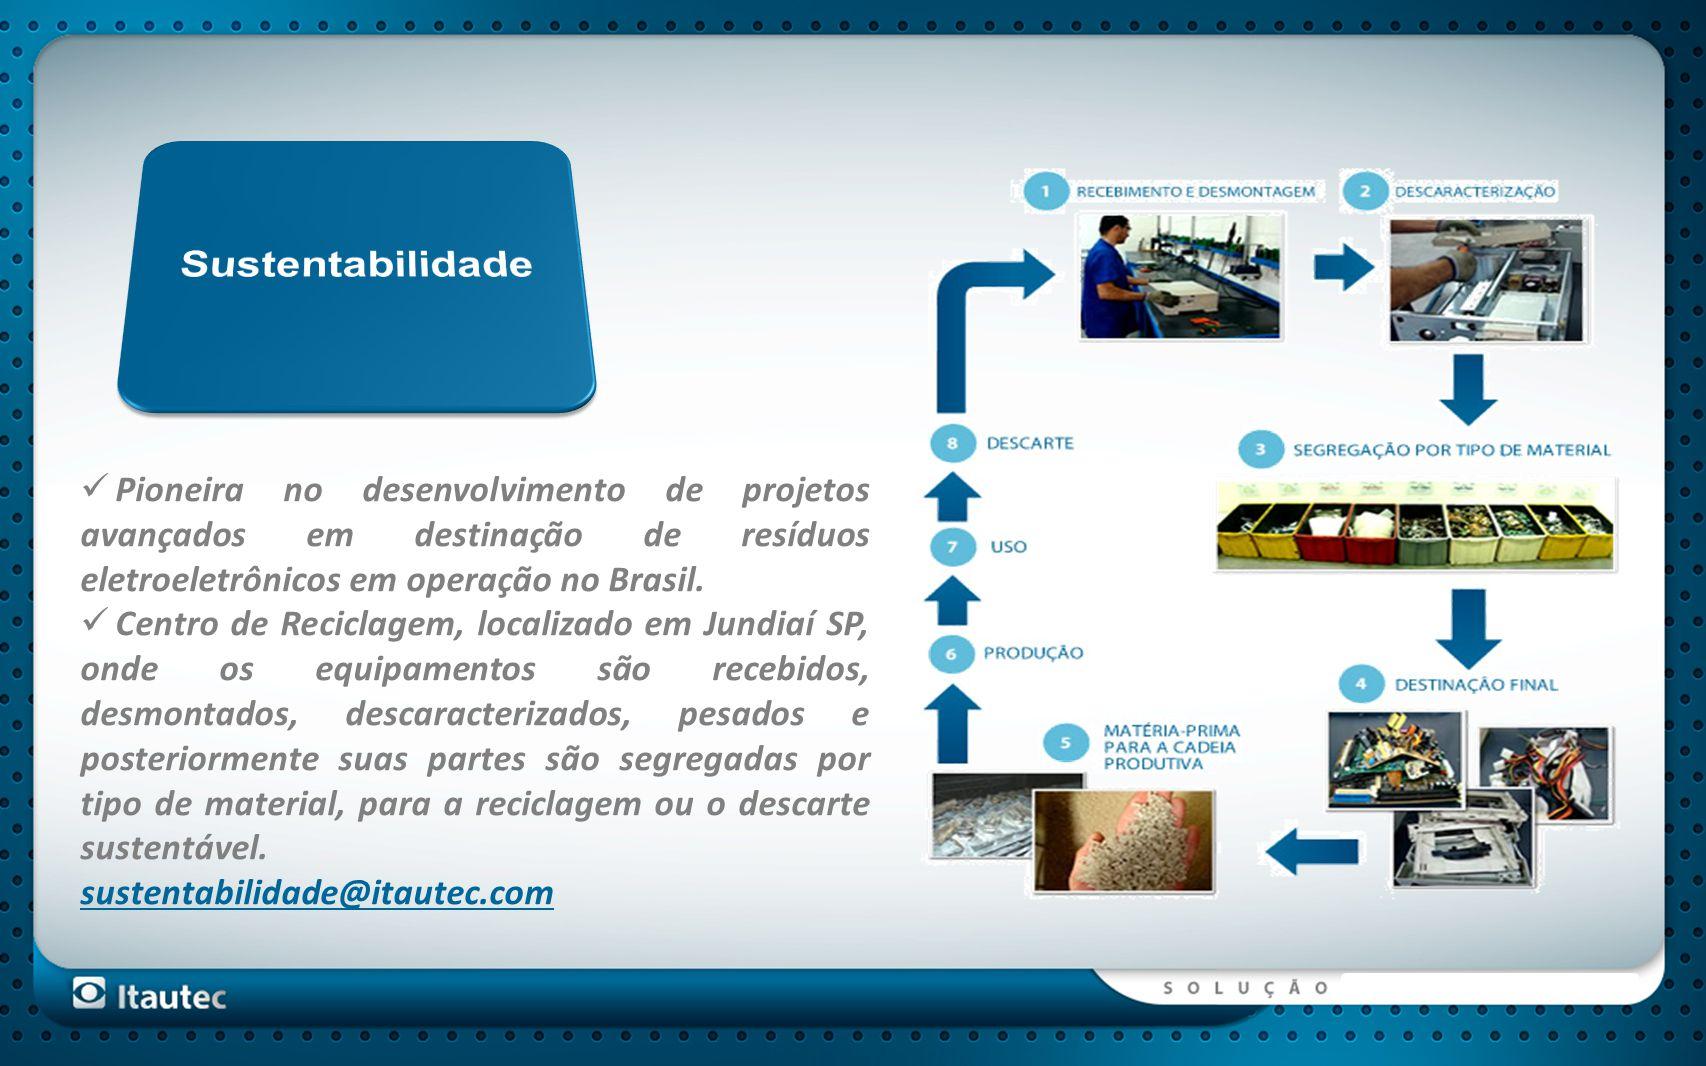 Pioneira no desenvolvimento de projetos avançados em destinação de resíduos eletroeletrônicos em operação no Brasil. Centro de Reciclagem, localizado